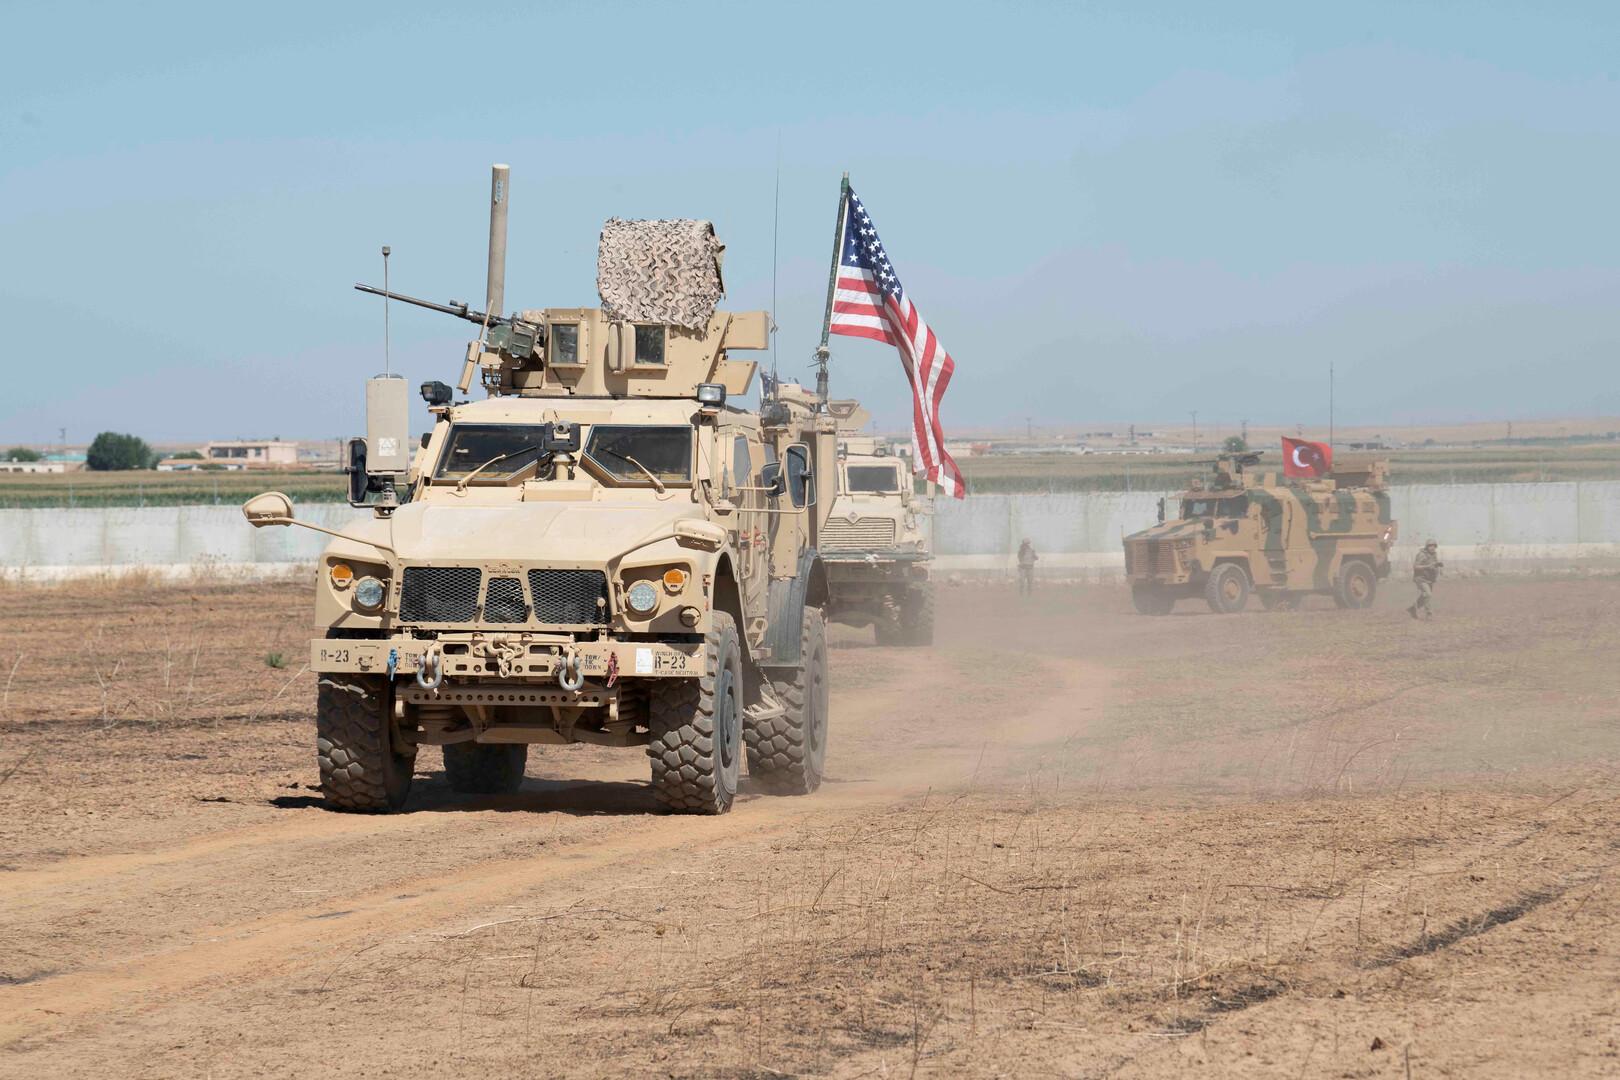 القواعد الأمريكية في سوريا.. كم تبقى منها؟